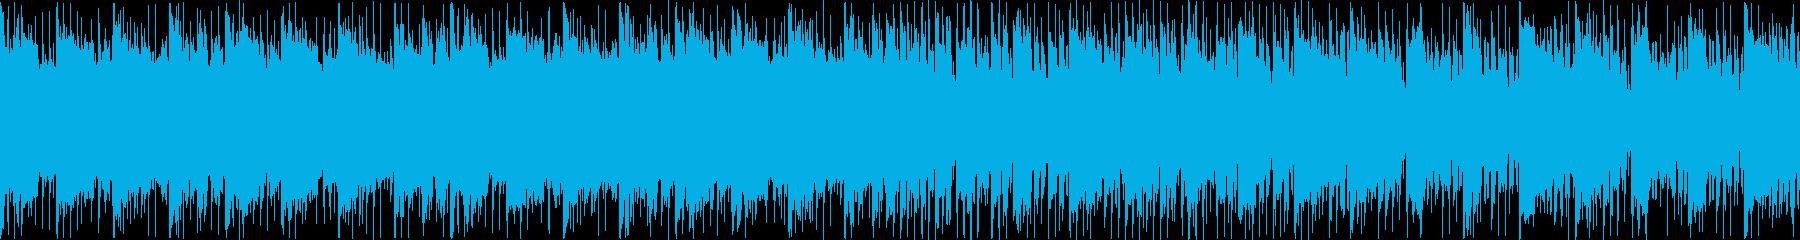 近未来的なエレクトロニカ風BGMループの再生済みの波形